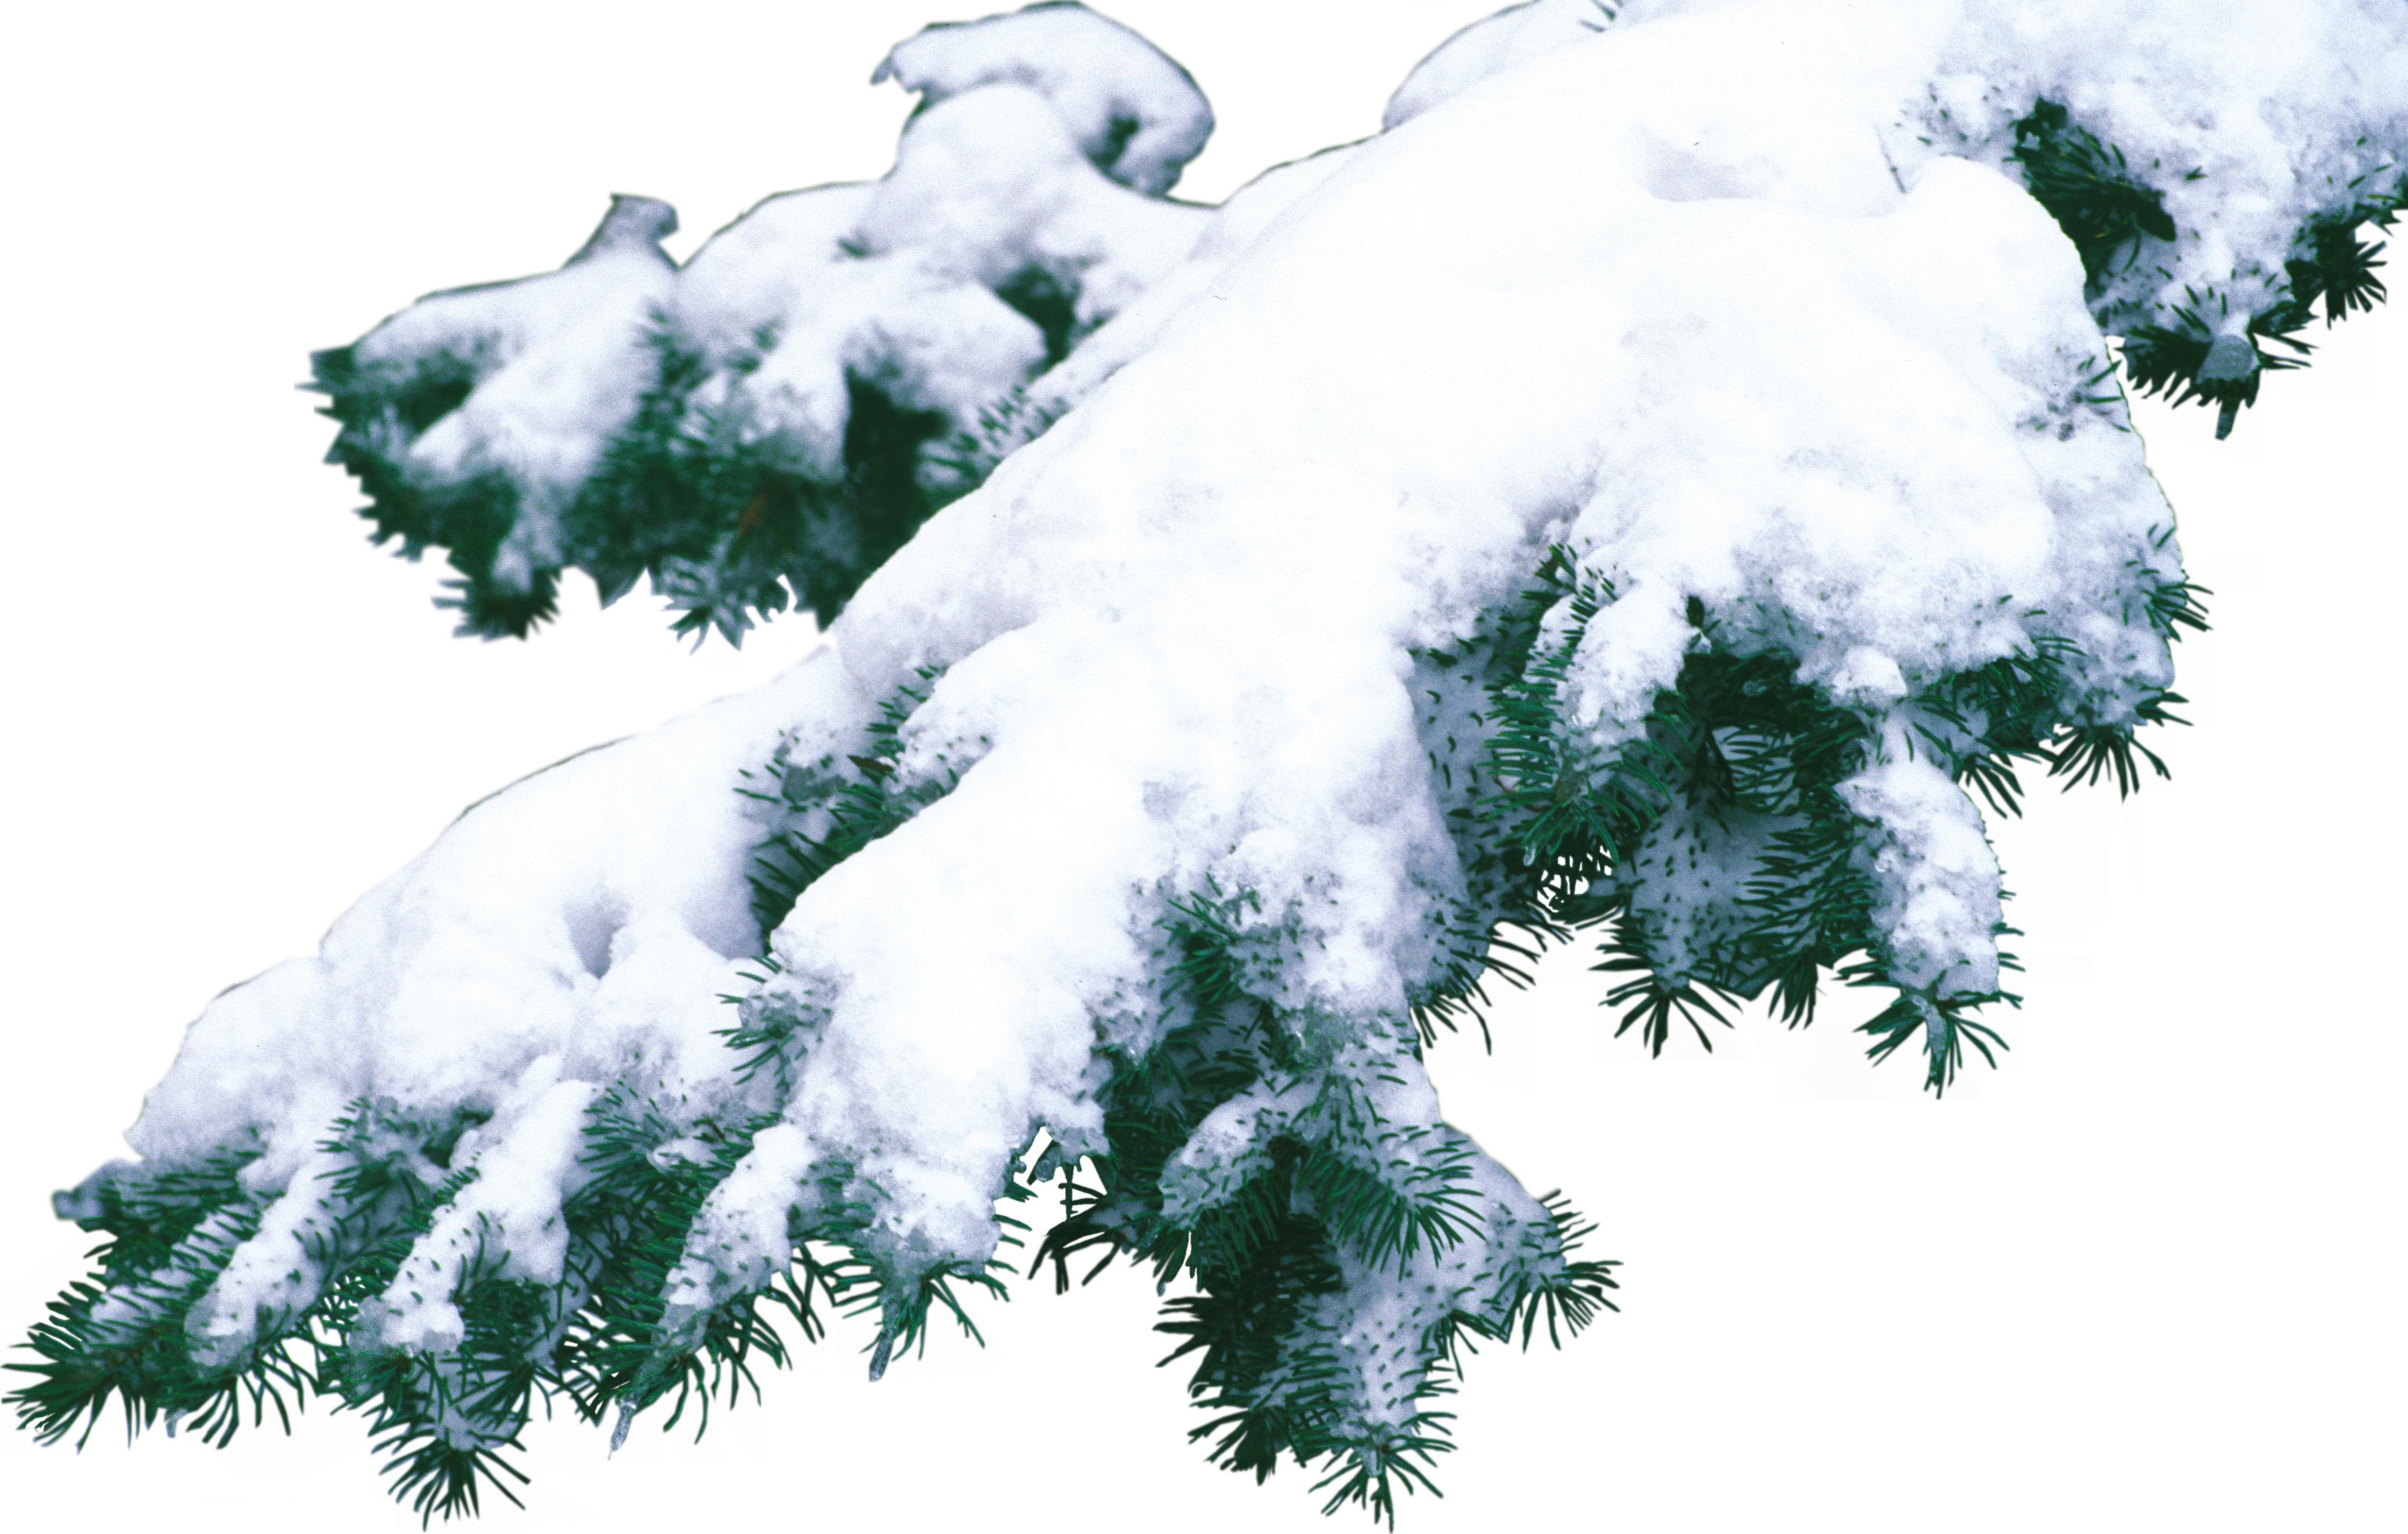 Картинки на прозрачном фоне снег 6